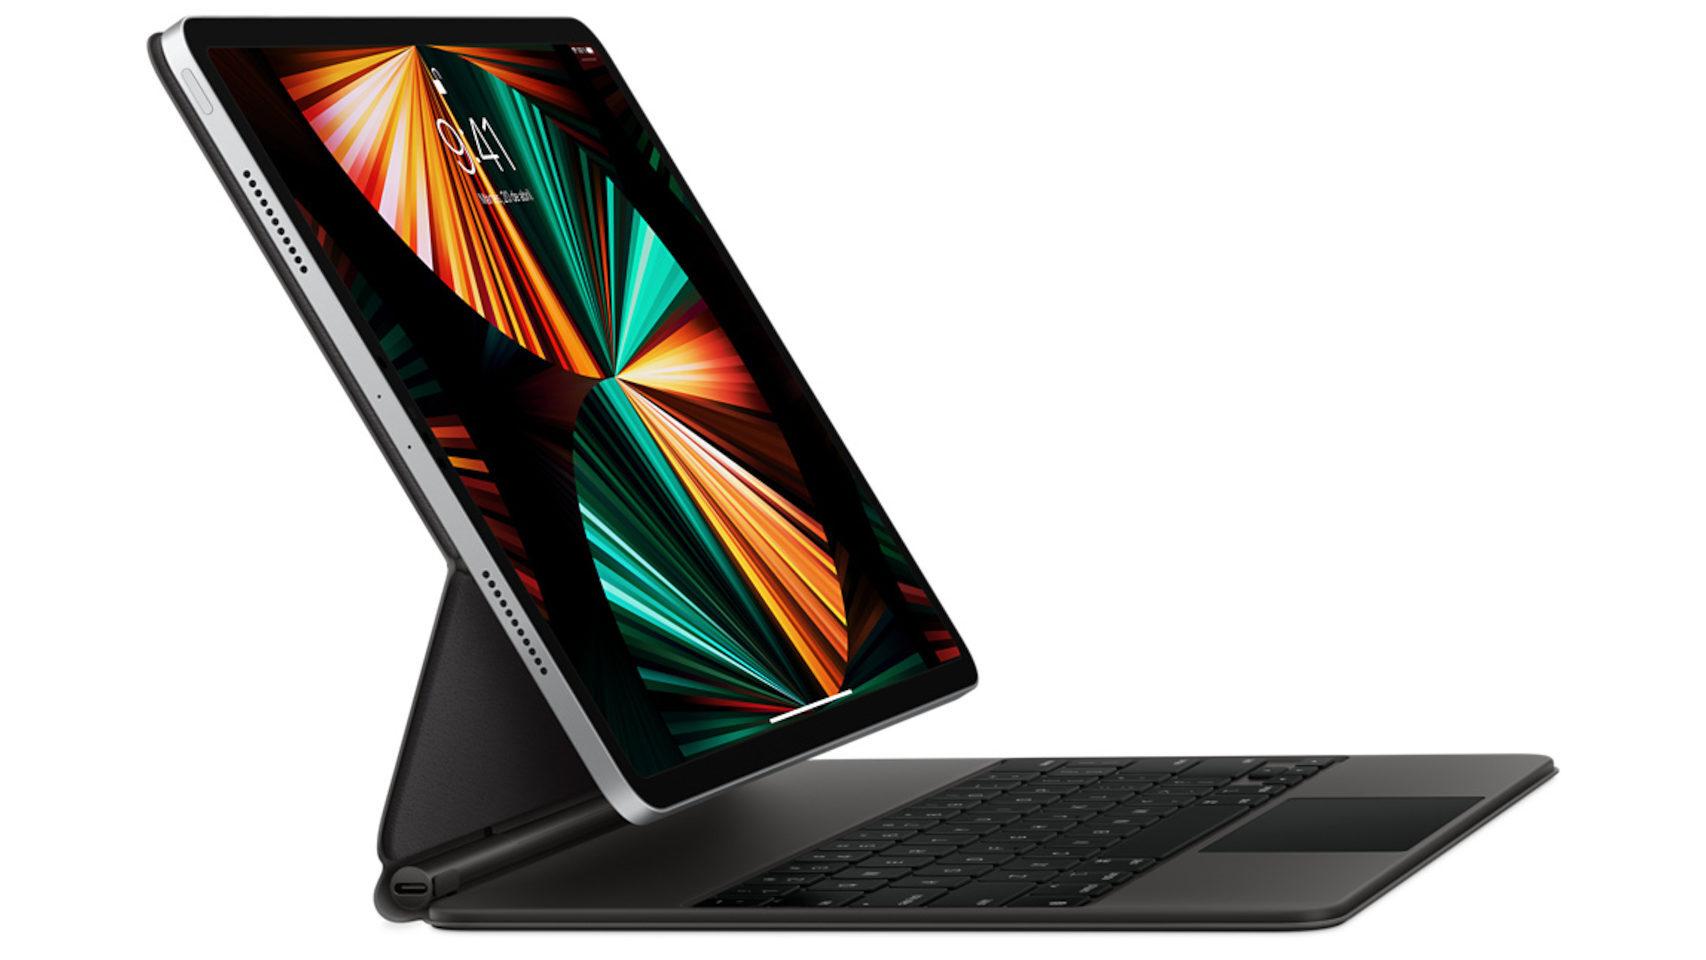 El nuevo iPad Pro de 12,9 pulgadas no funciona con el teclado de 400 euros del año pasado —